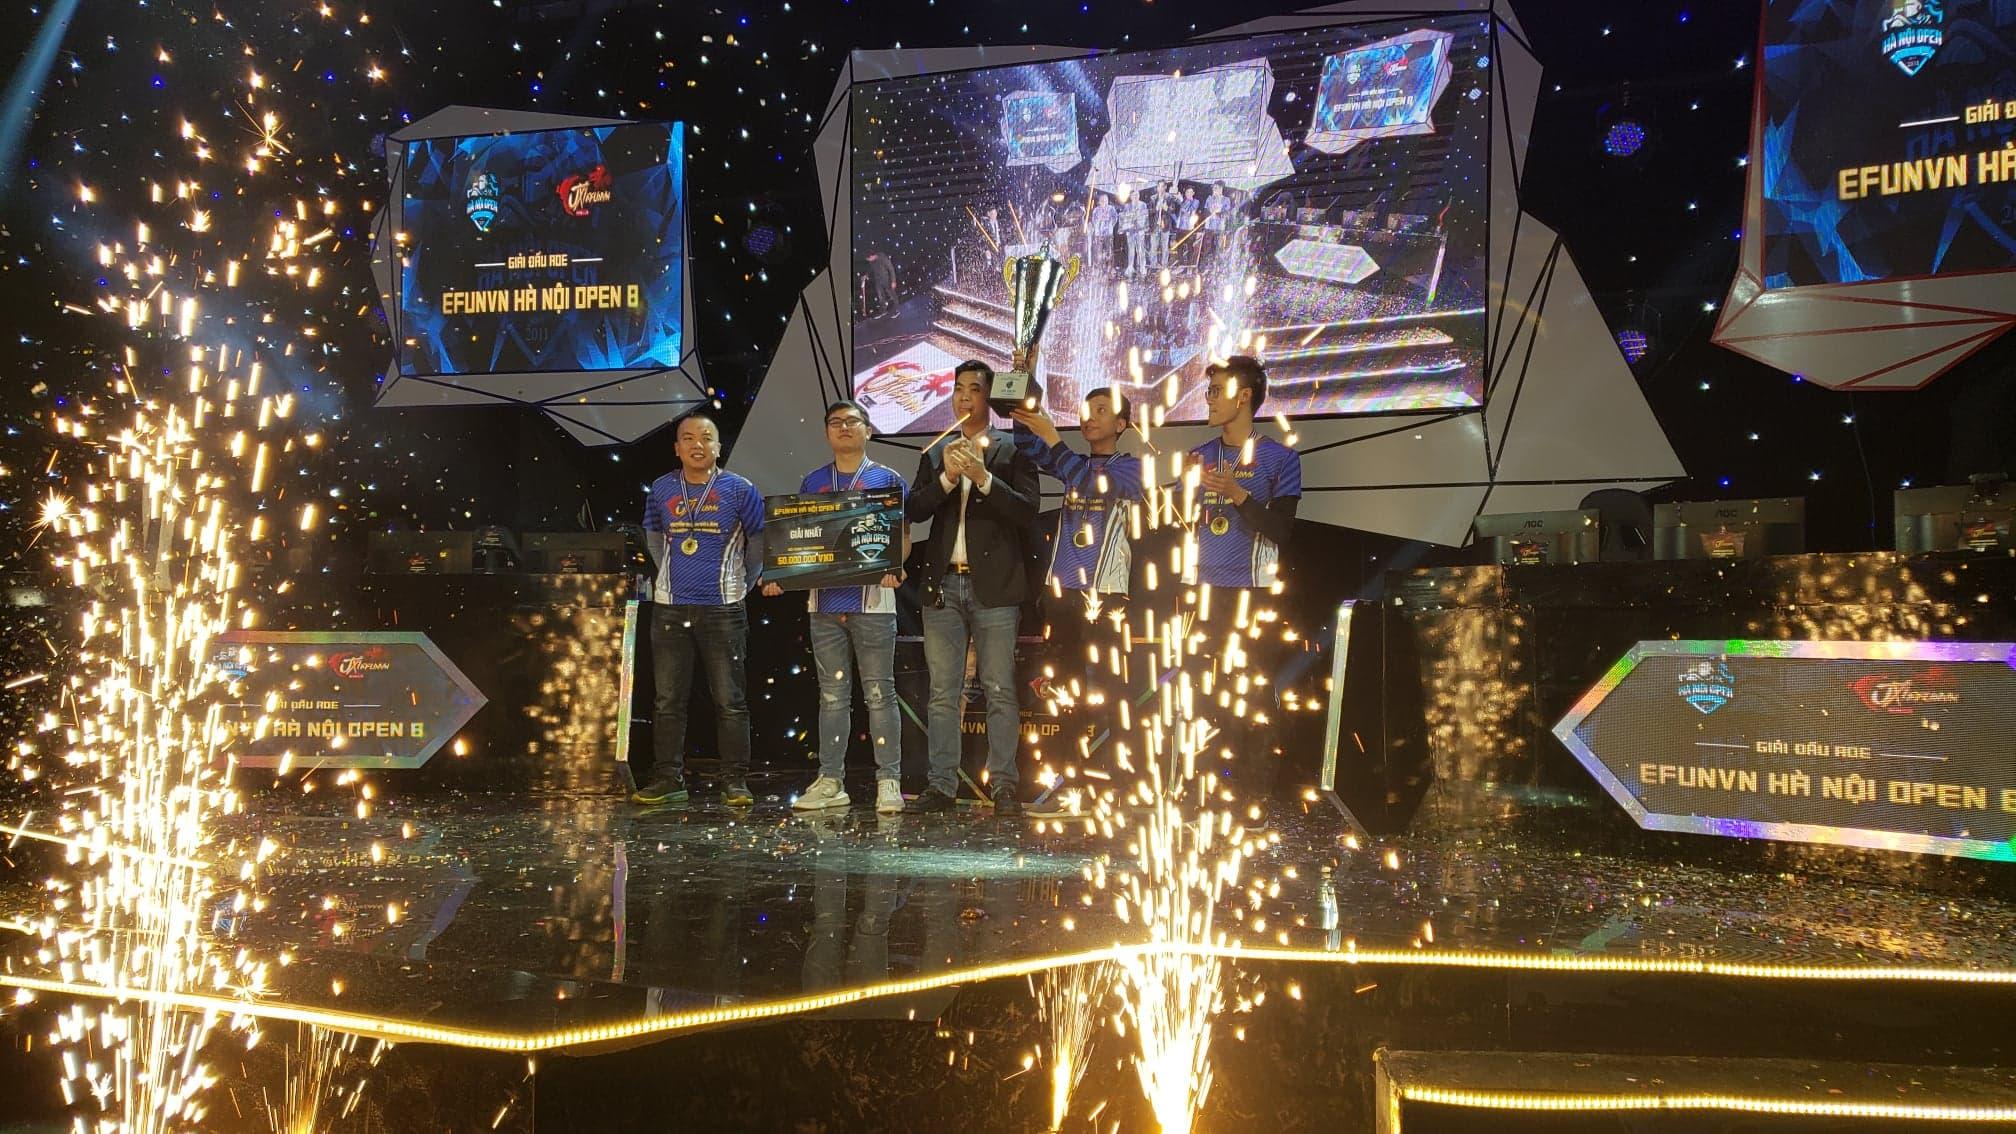 Chiếc cup vô địch 4vs4 đầy xứng đáng của EFUNVN BiBiClub sau những nỗ lực không ngừng